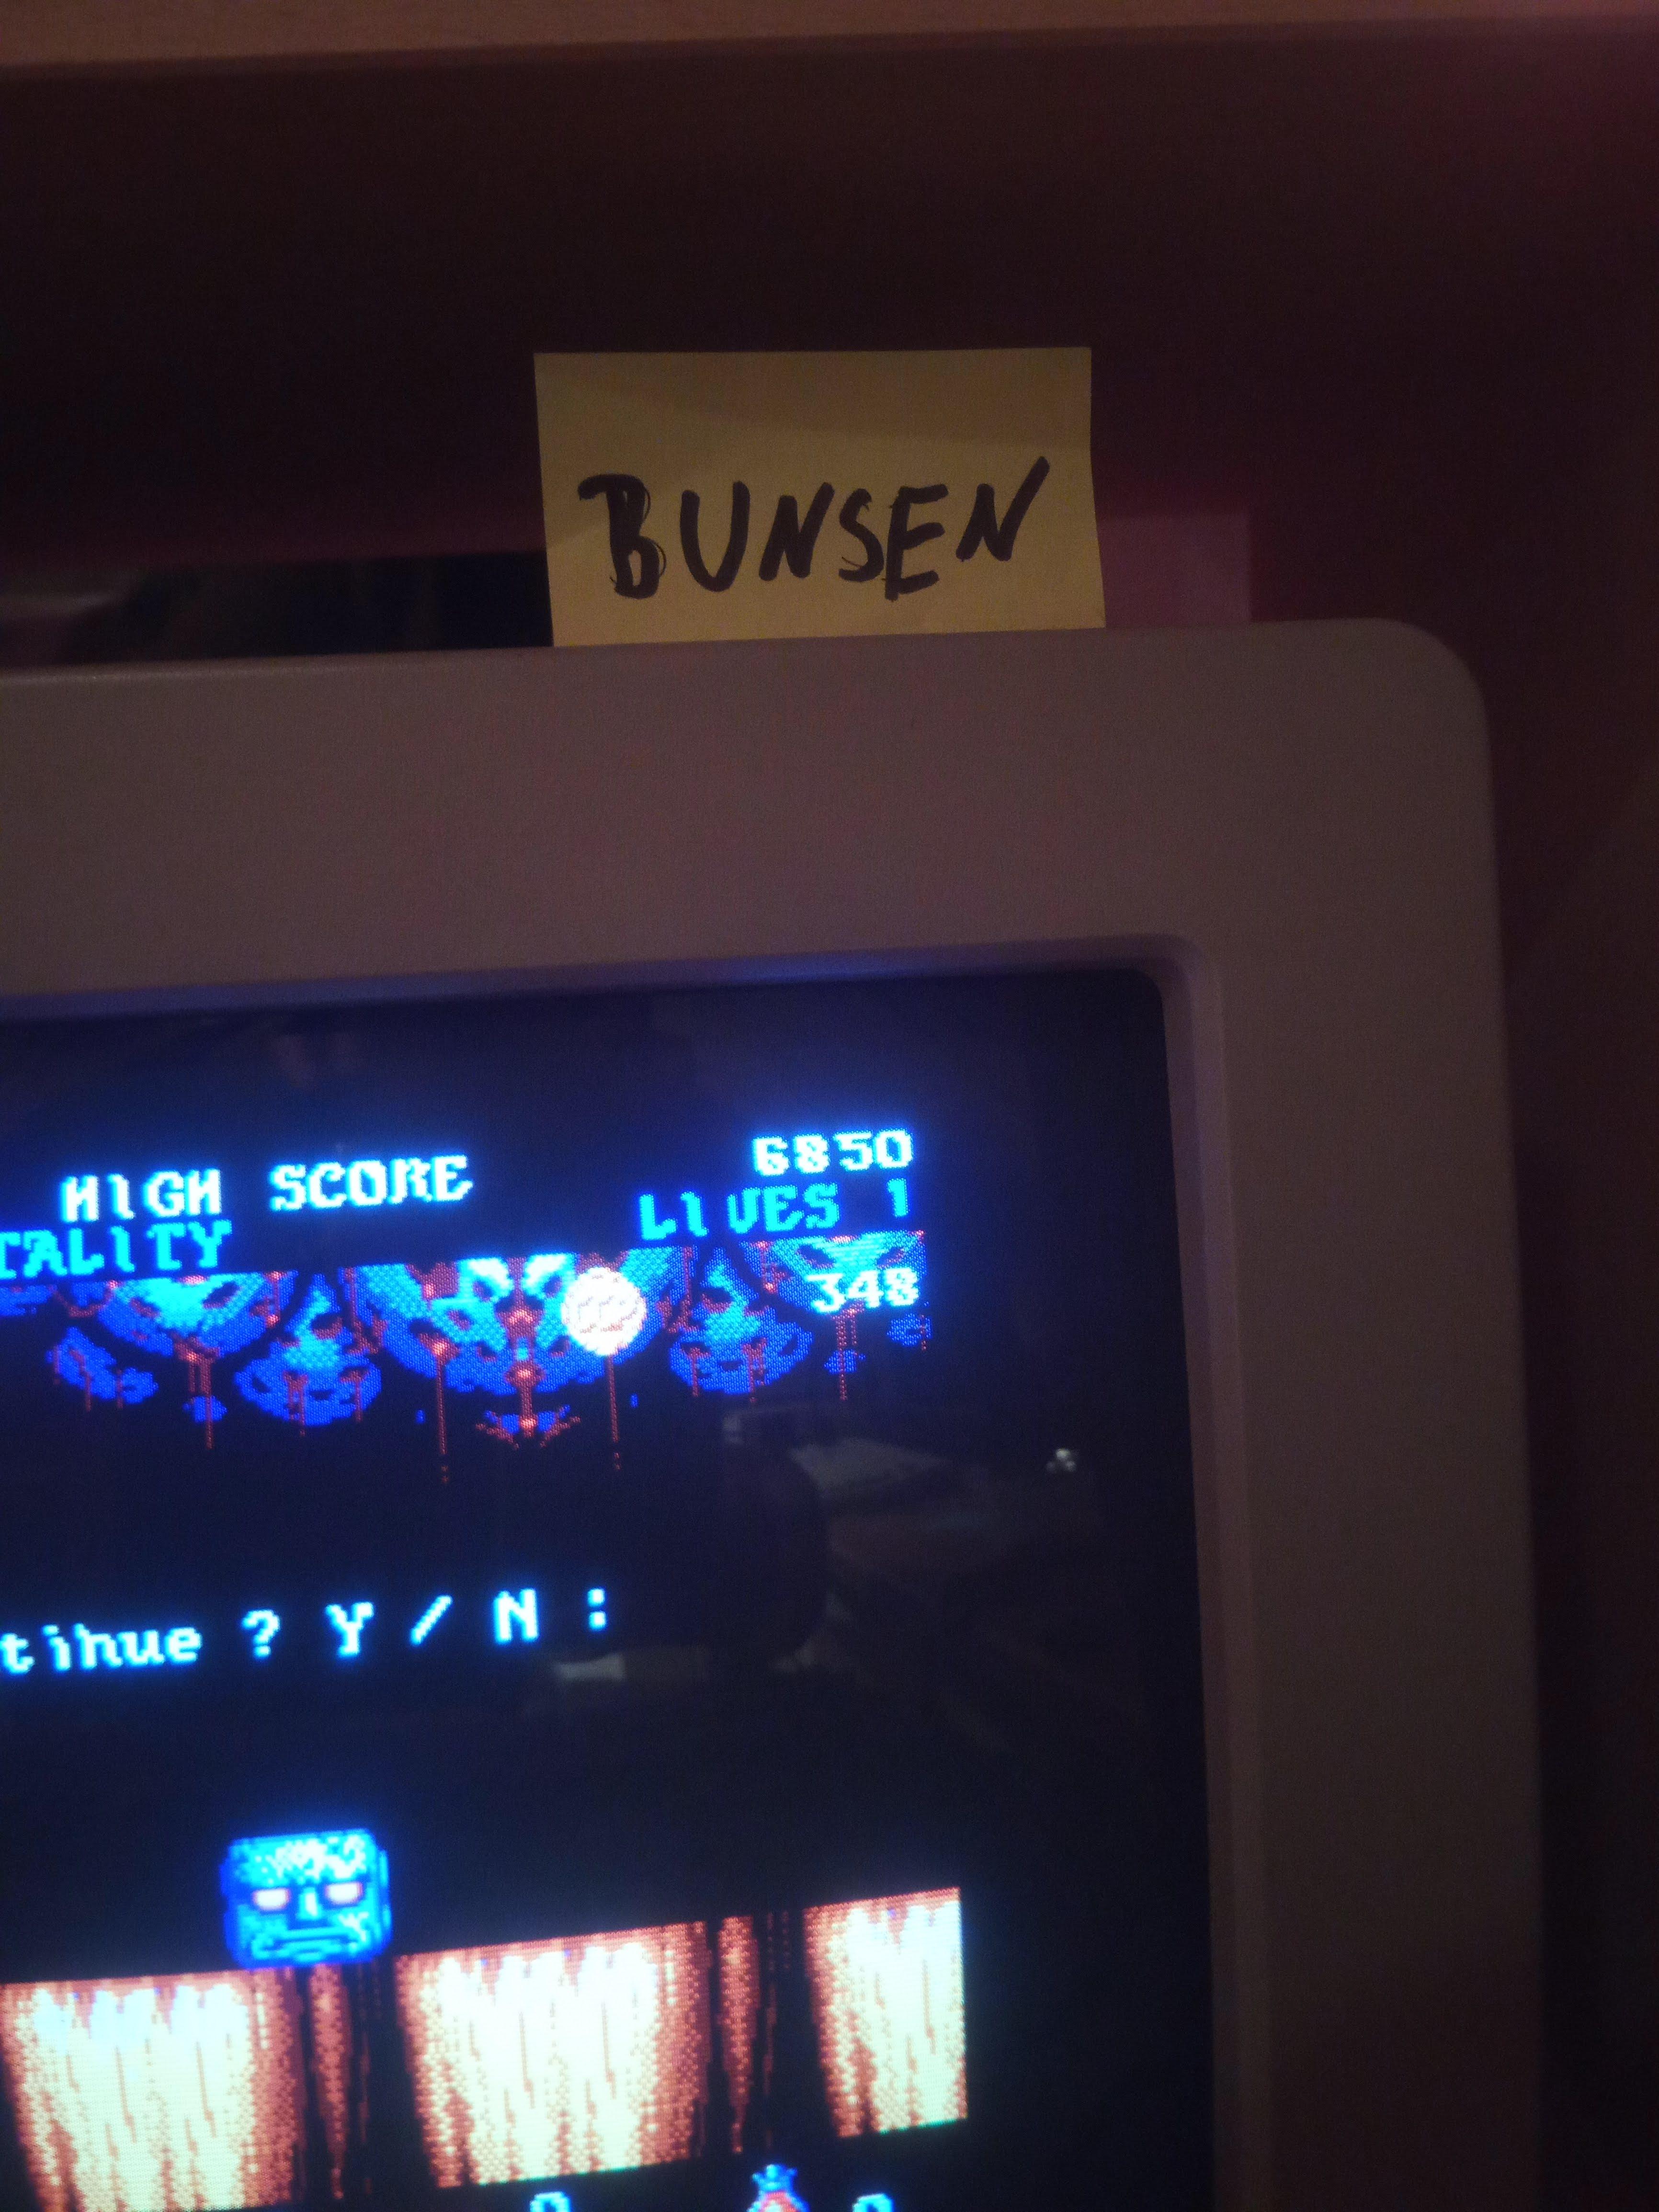 Bunsen: Black Tiger (Atari ST) 6,850 points on 2019-12-27 15:51:54